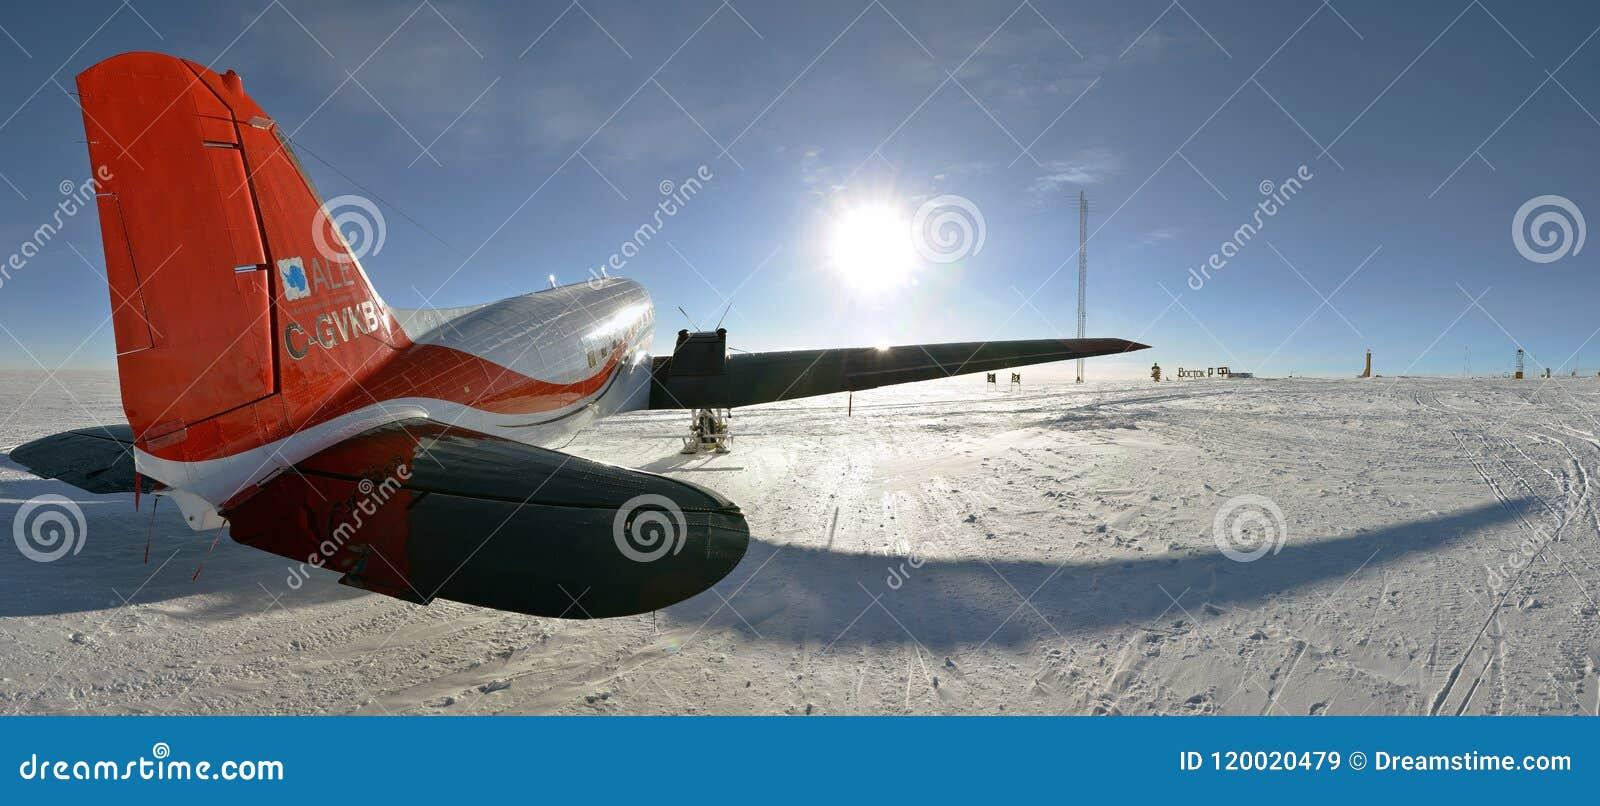 Aircraft BT-67 in Antarctica at Vostok Station